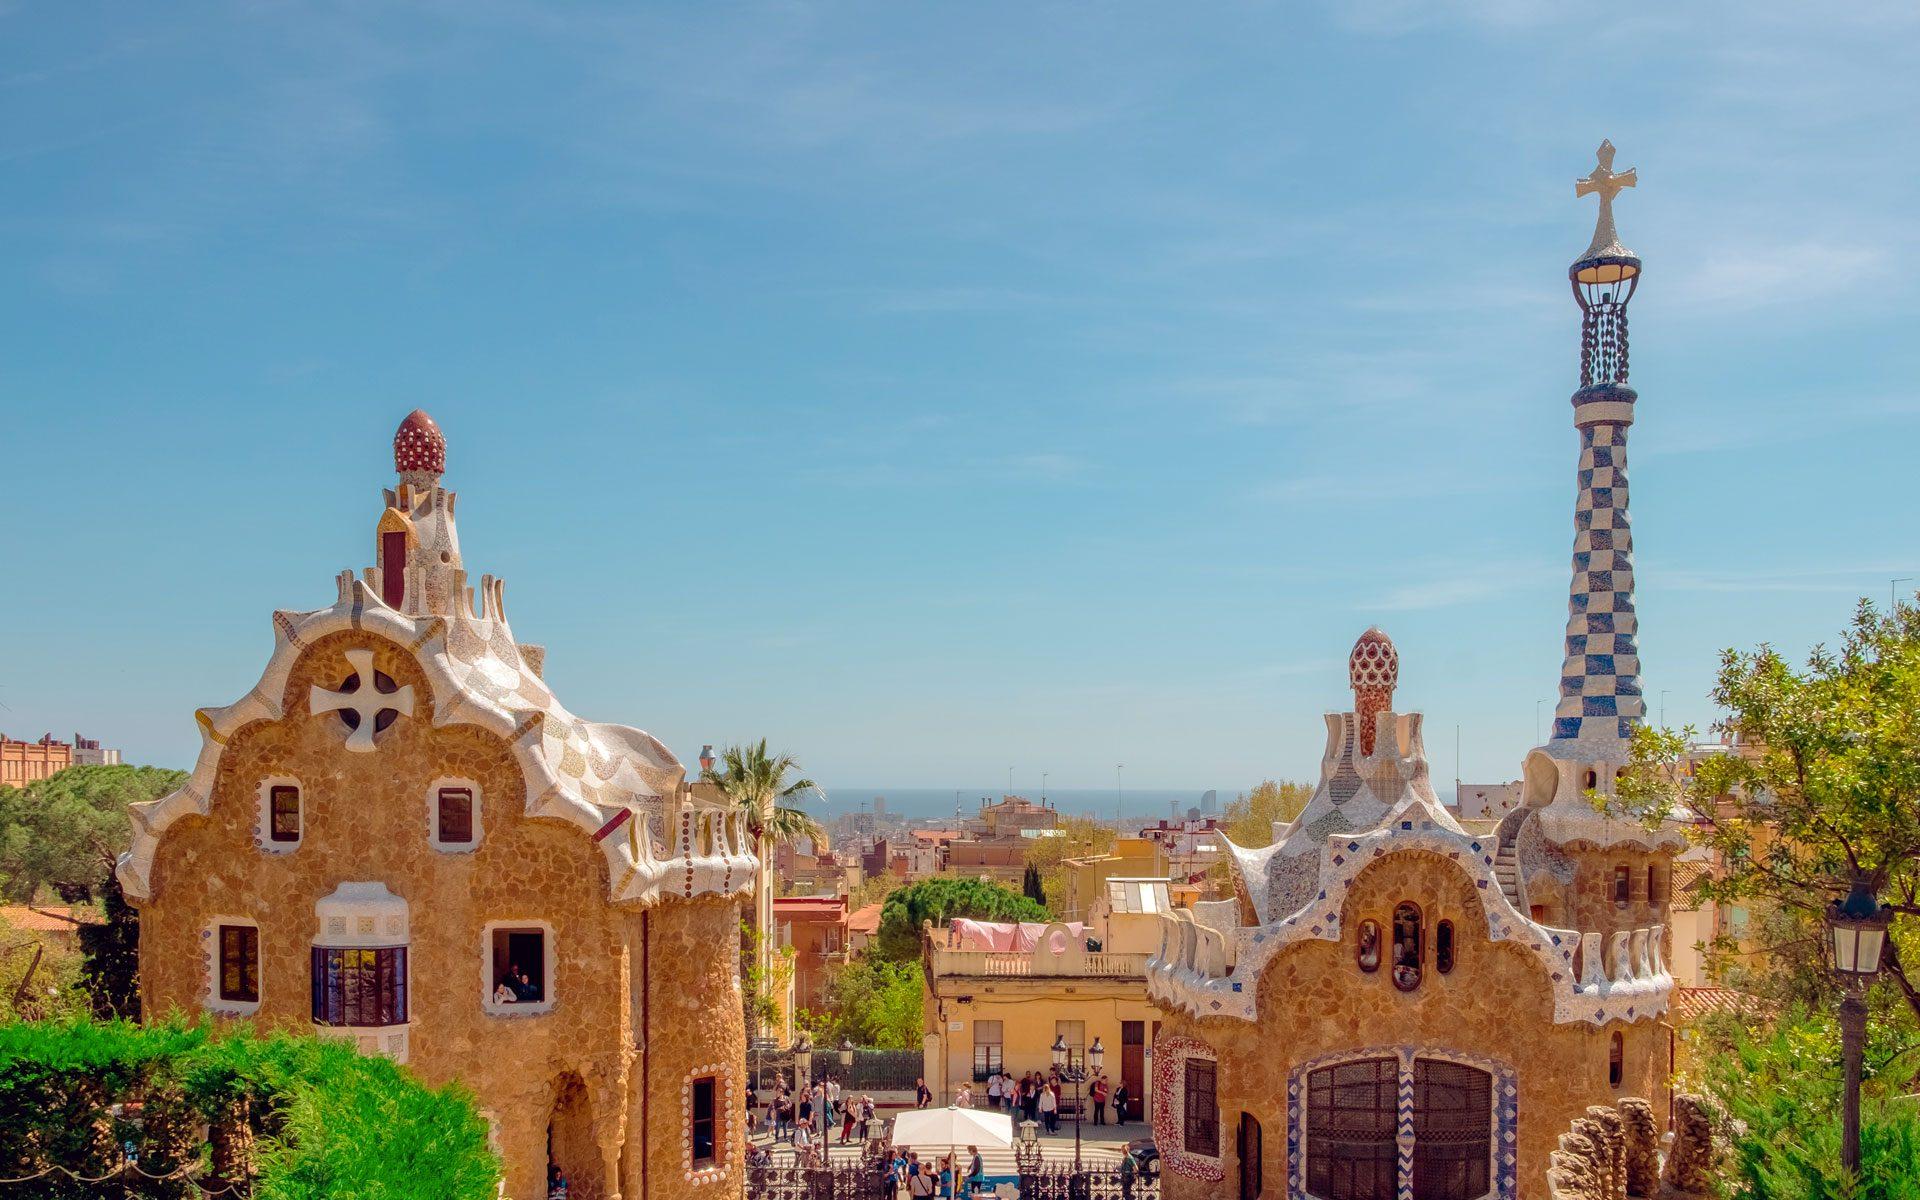 Parc guell - tappa della gita scolastica a Barcellona